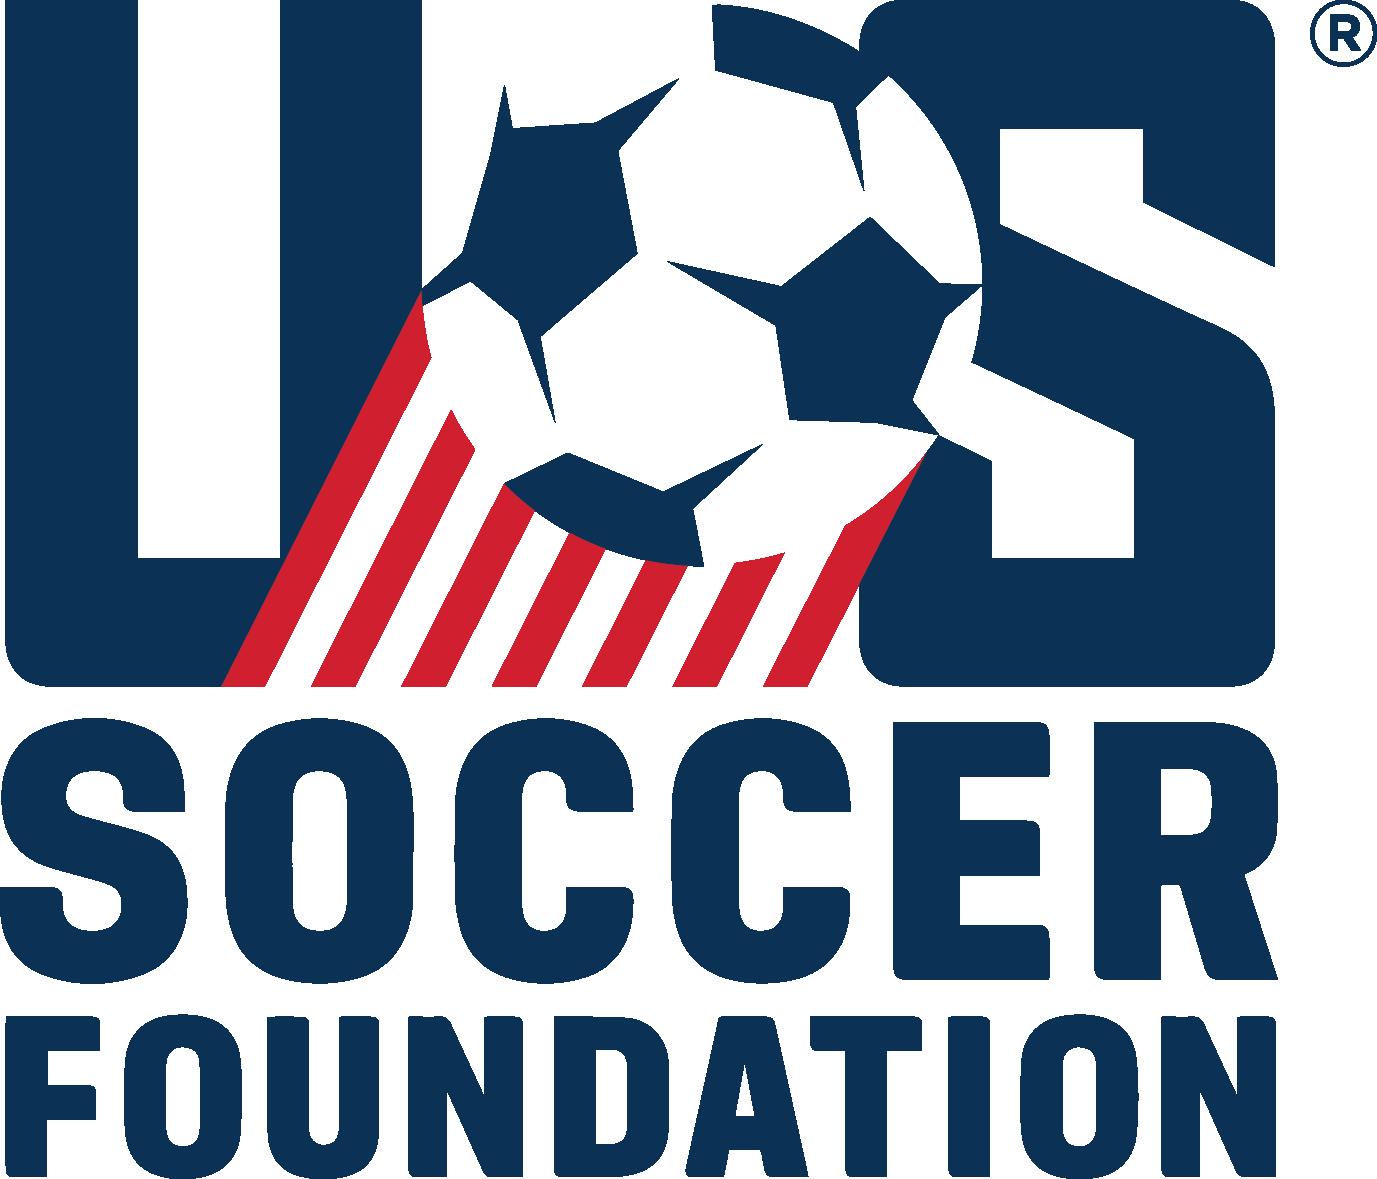 https://secureservercdn.net/198.71.233.197/ejs.c25.myftpupload.com/wp-content/uploads/2020/02/US-Soccer-BlockLogo_CMYK_Transparent.png